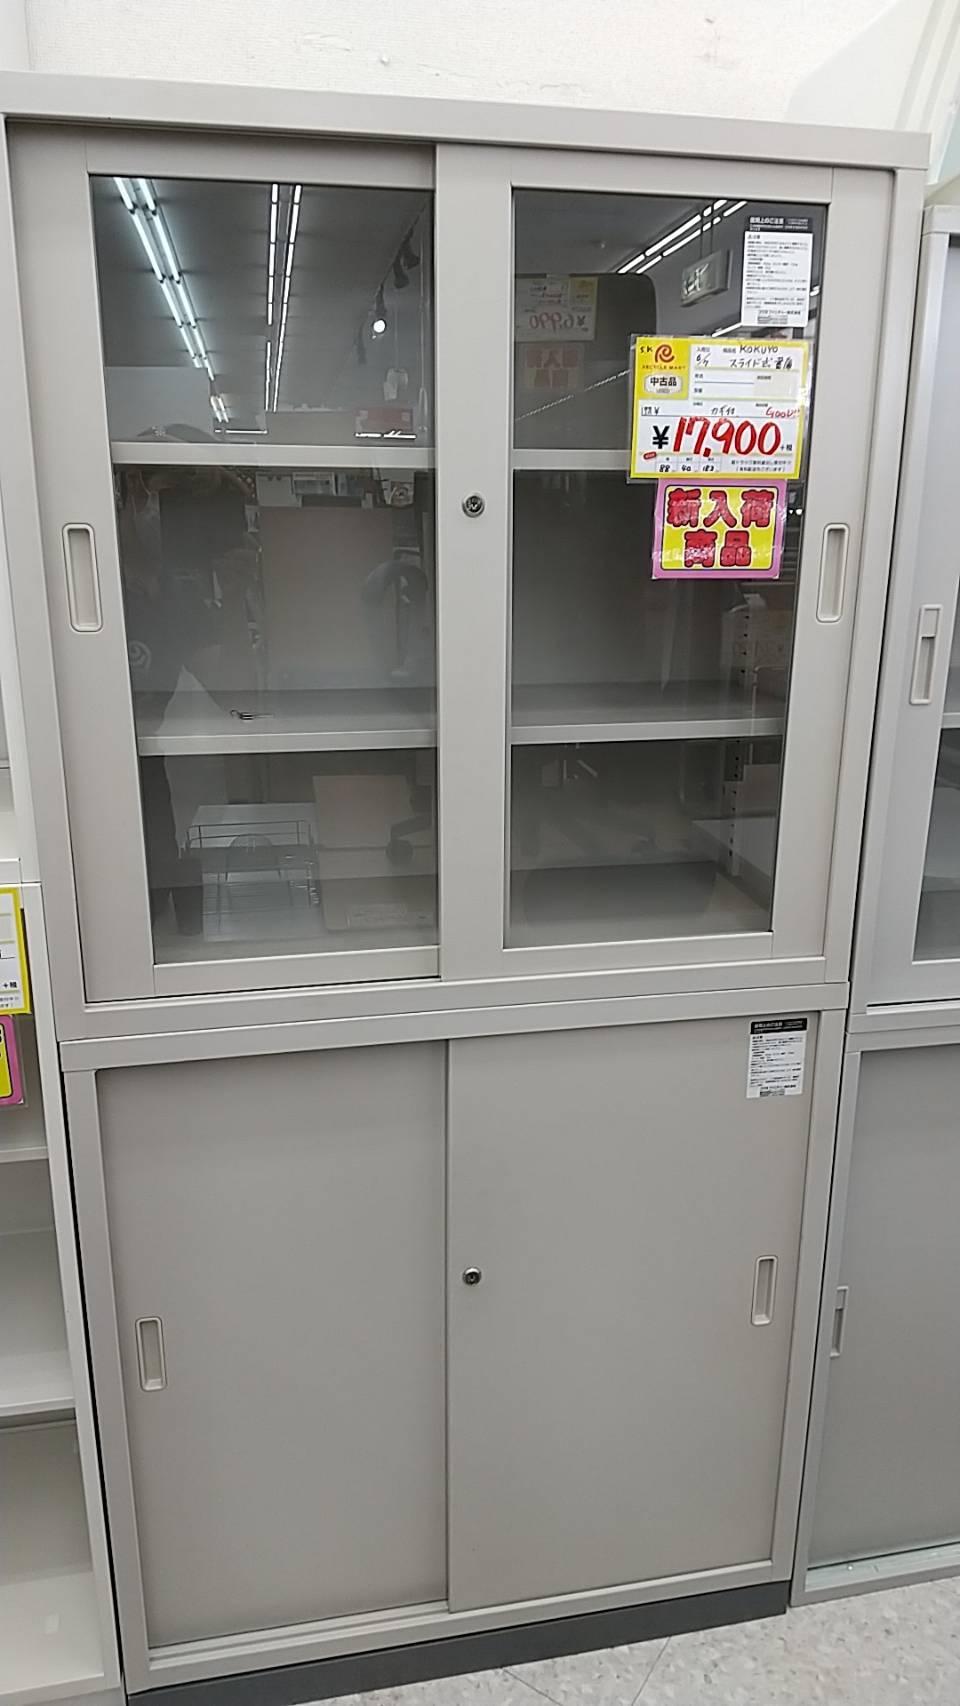 【KOKUYO コクヨ スライド式書庫カギ付き オフィス・事務機器】を買取致しました!!の買取-